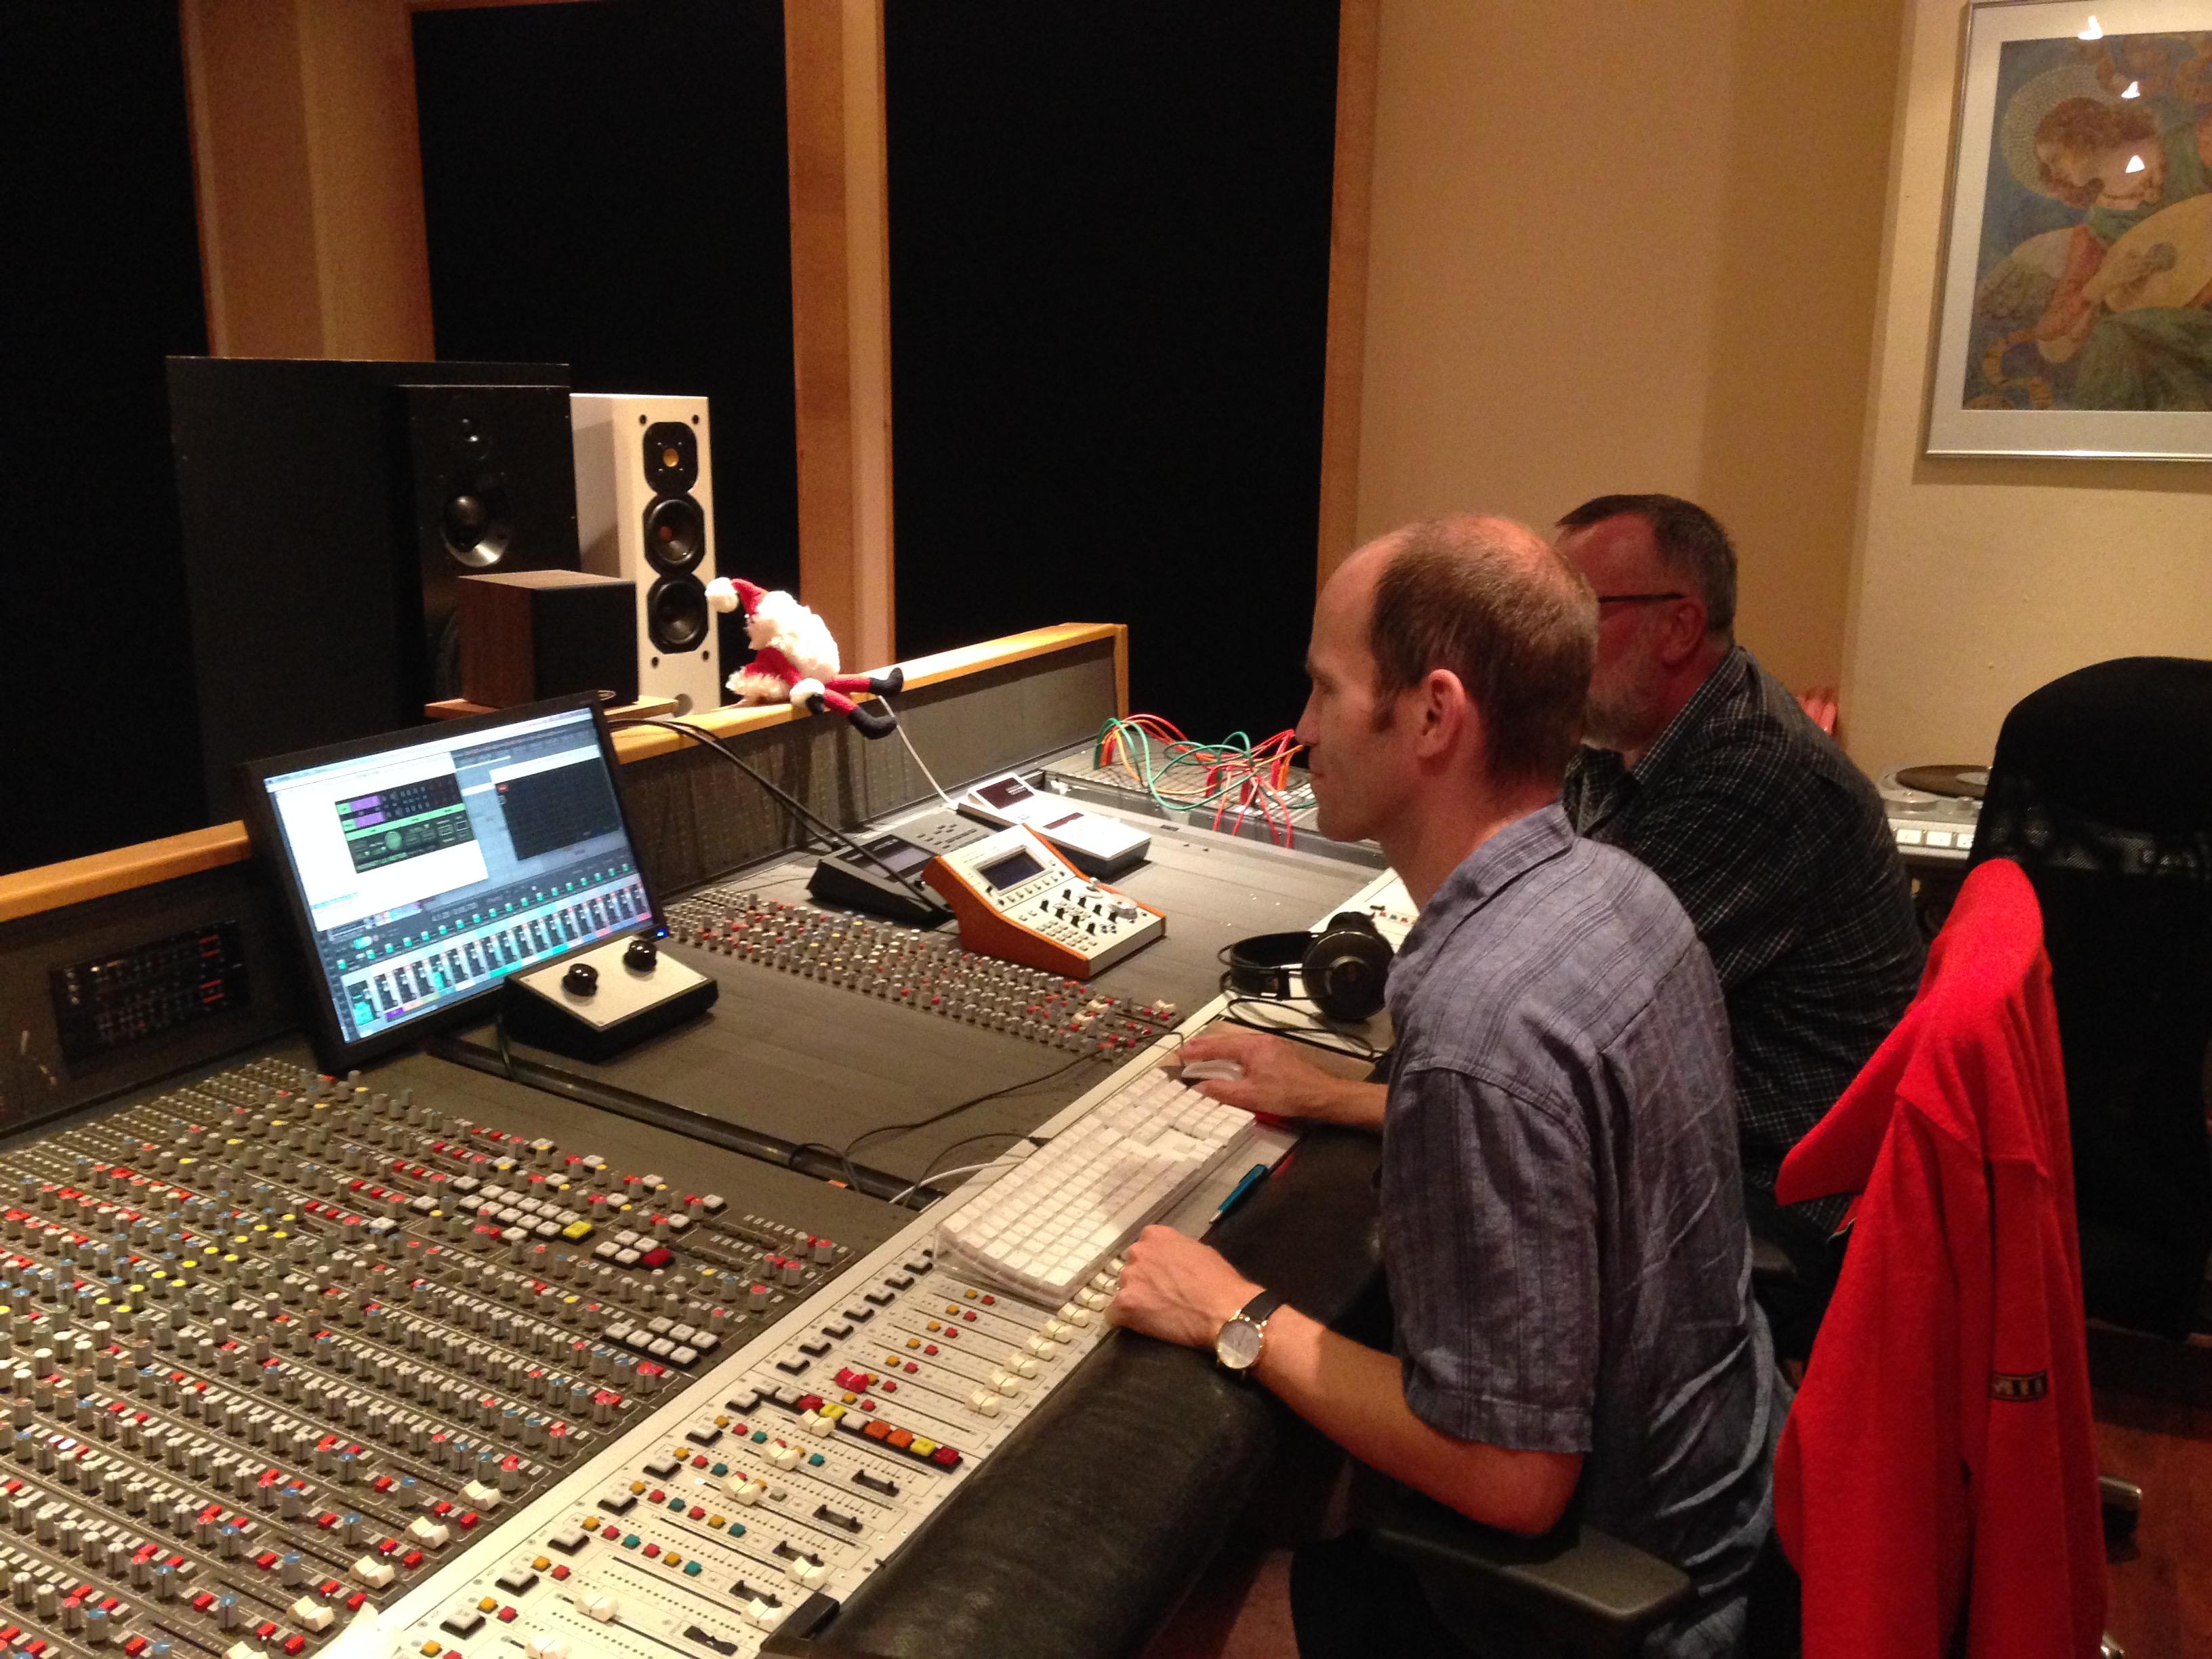 Ausgezeichnet Sound Engineering Lebenslauf Uk Galerie - Bilder für ...